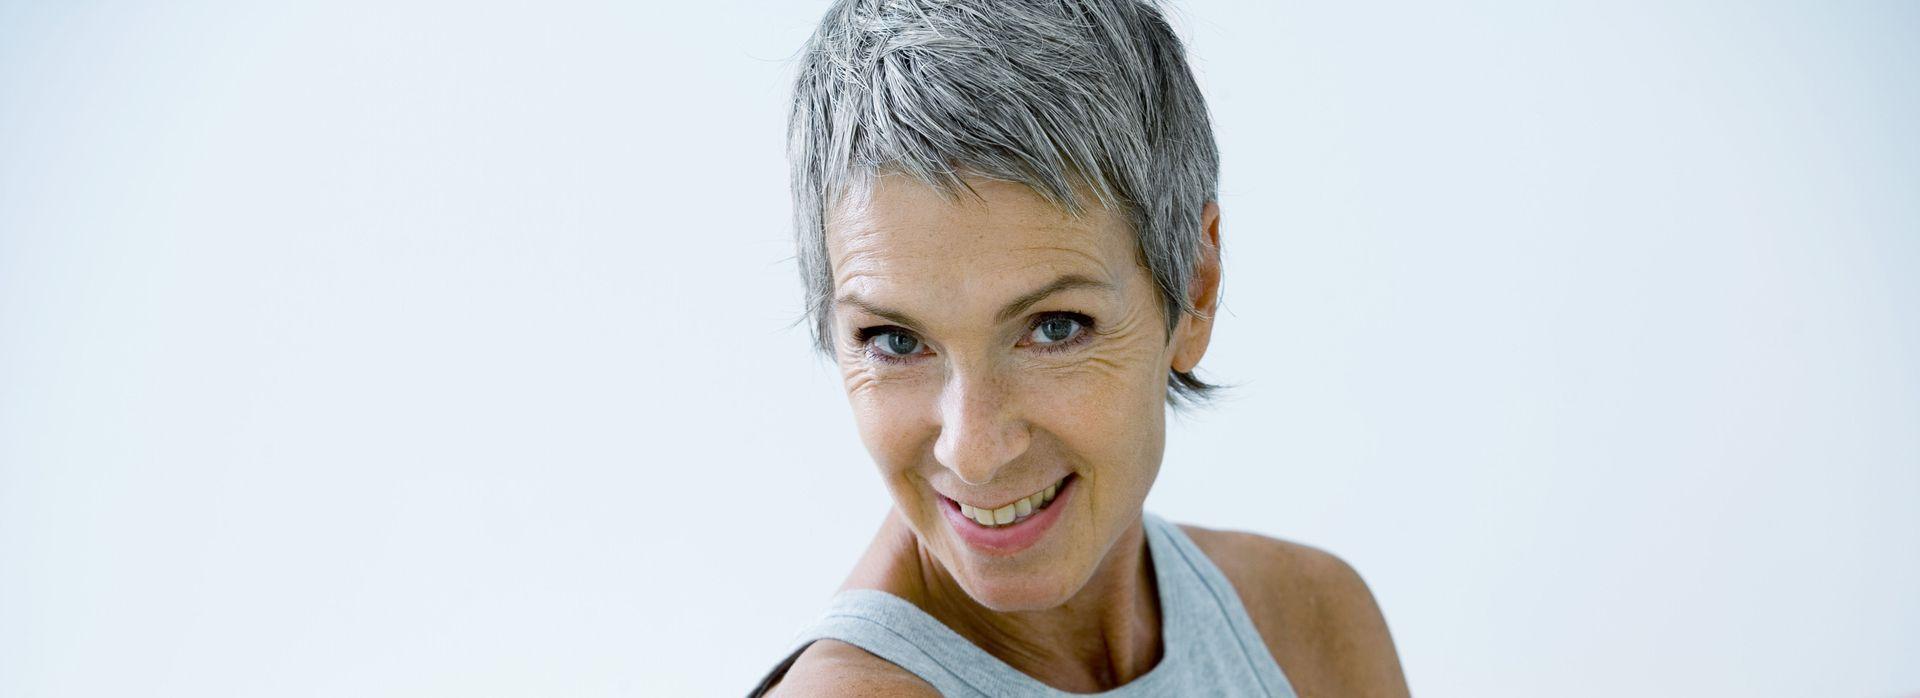 Климакс и заместительная гормональная терапия (ЗГТ)